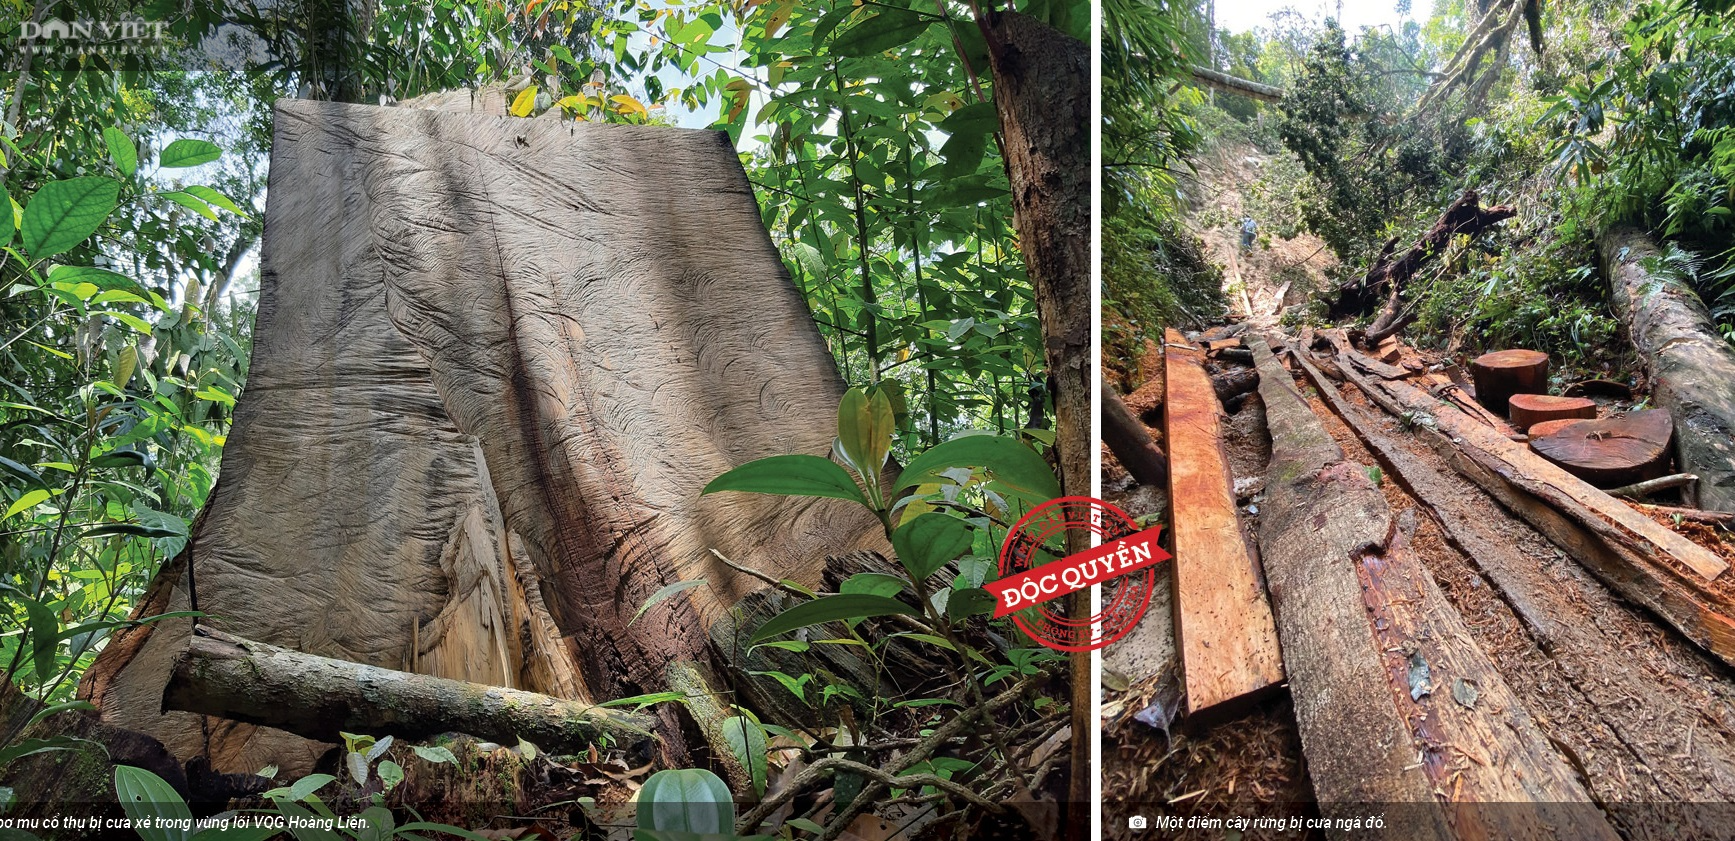 UBND tỉnh chỉ đạo Công an vào cuộc điều tra phá rừng Vườn quốc gia Hoàng Liên - Ảnh 2.